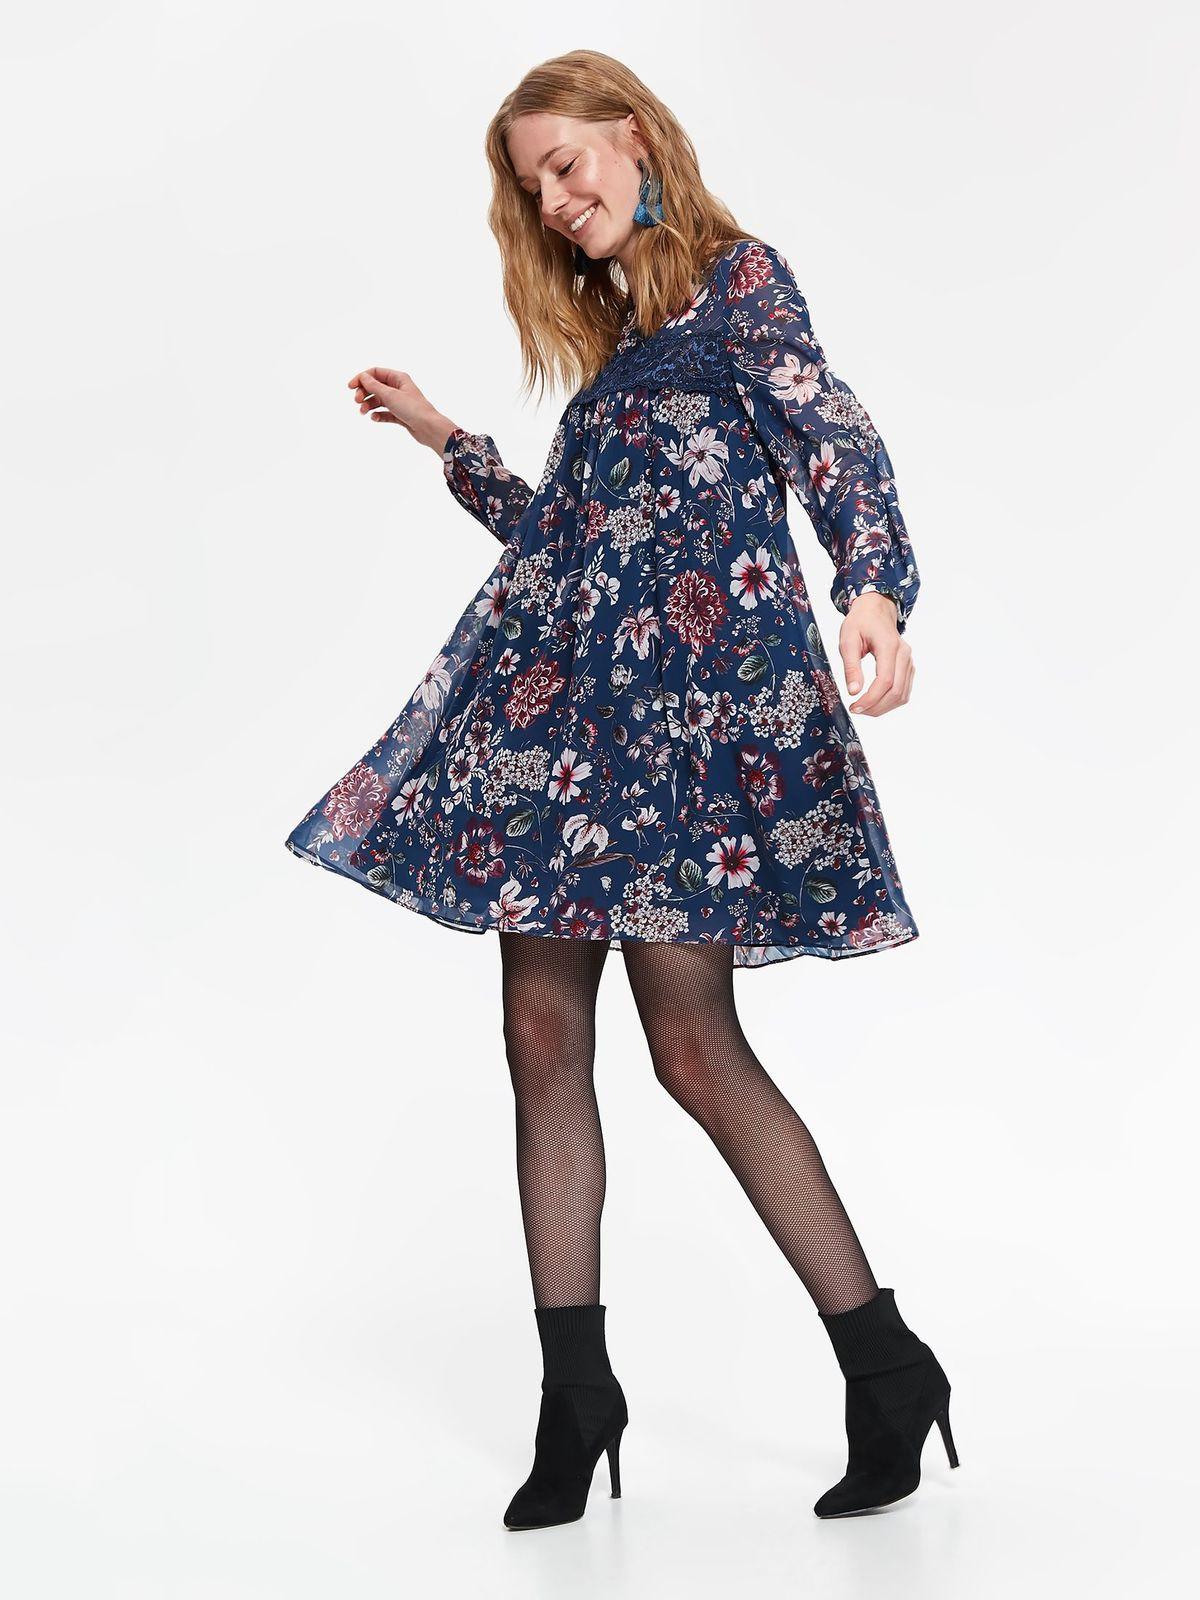 TOP SECRET TOP SECRET floral mini φορεμα